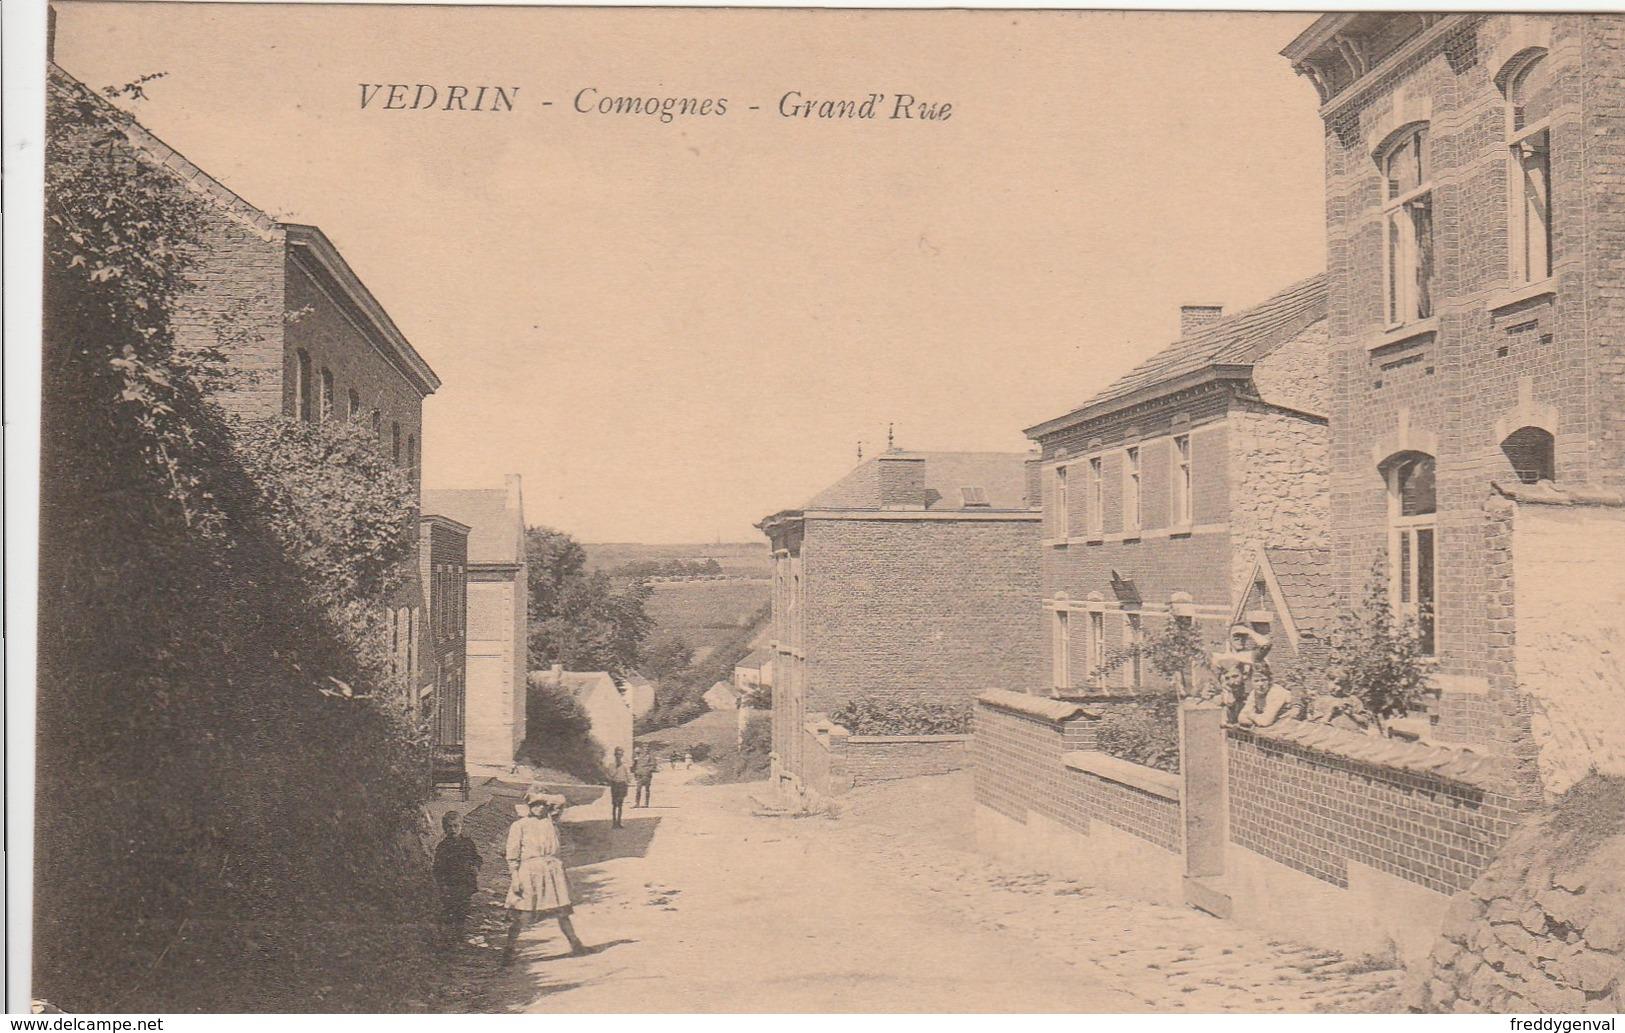 VEDRIN COMOGNES GRAND RUE - Namur